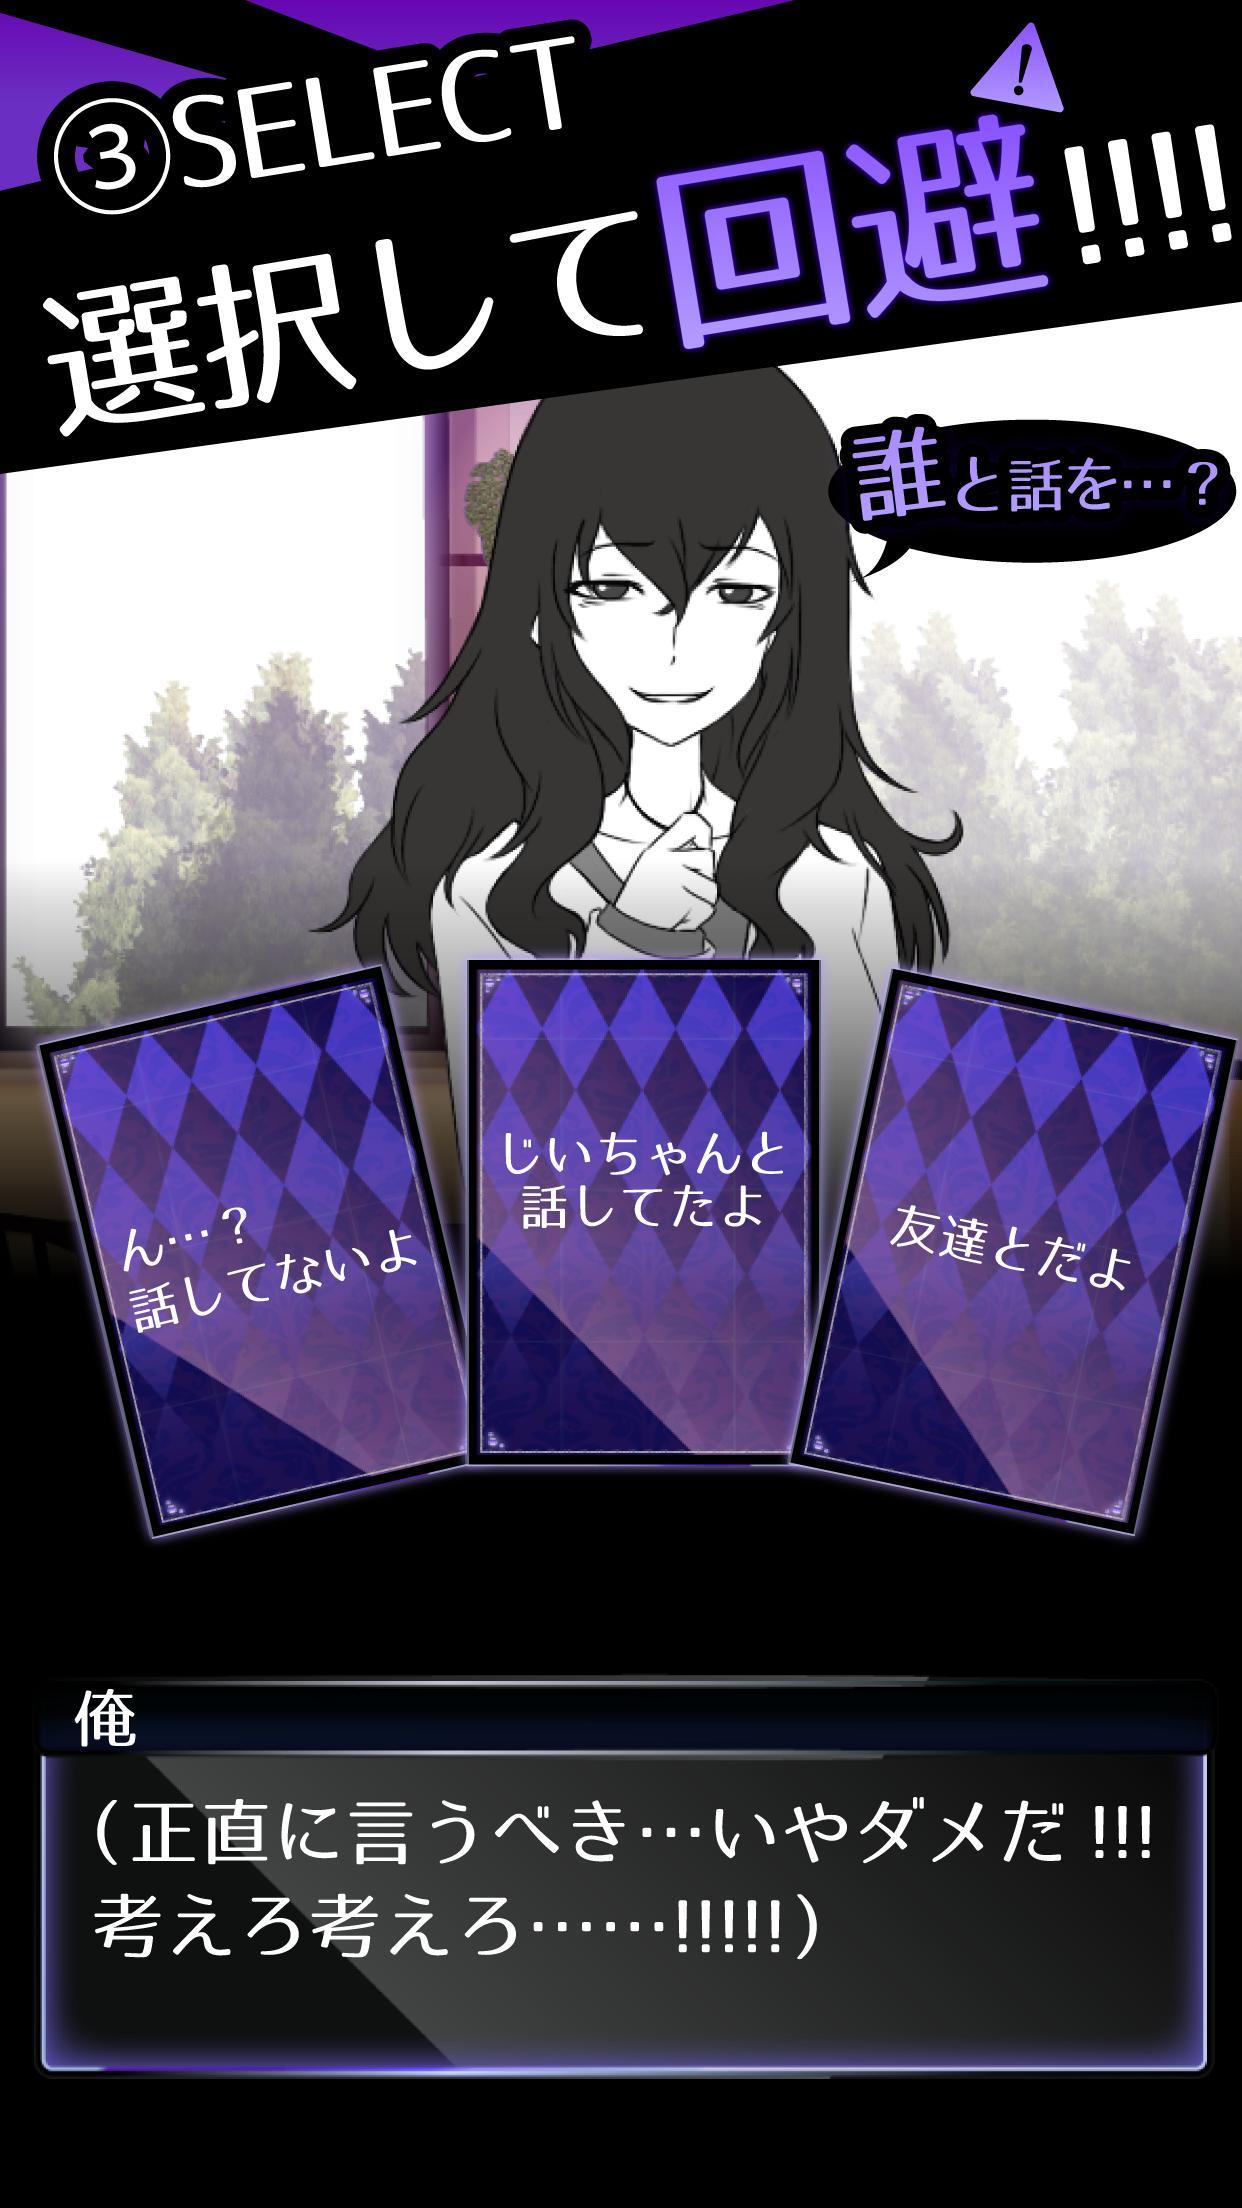 元カノは友達だから問題ない 1.6.0 Screenshot 14